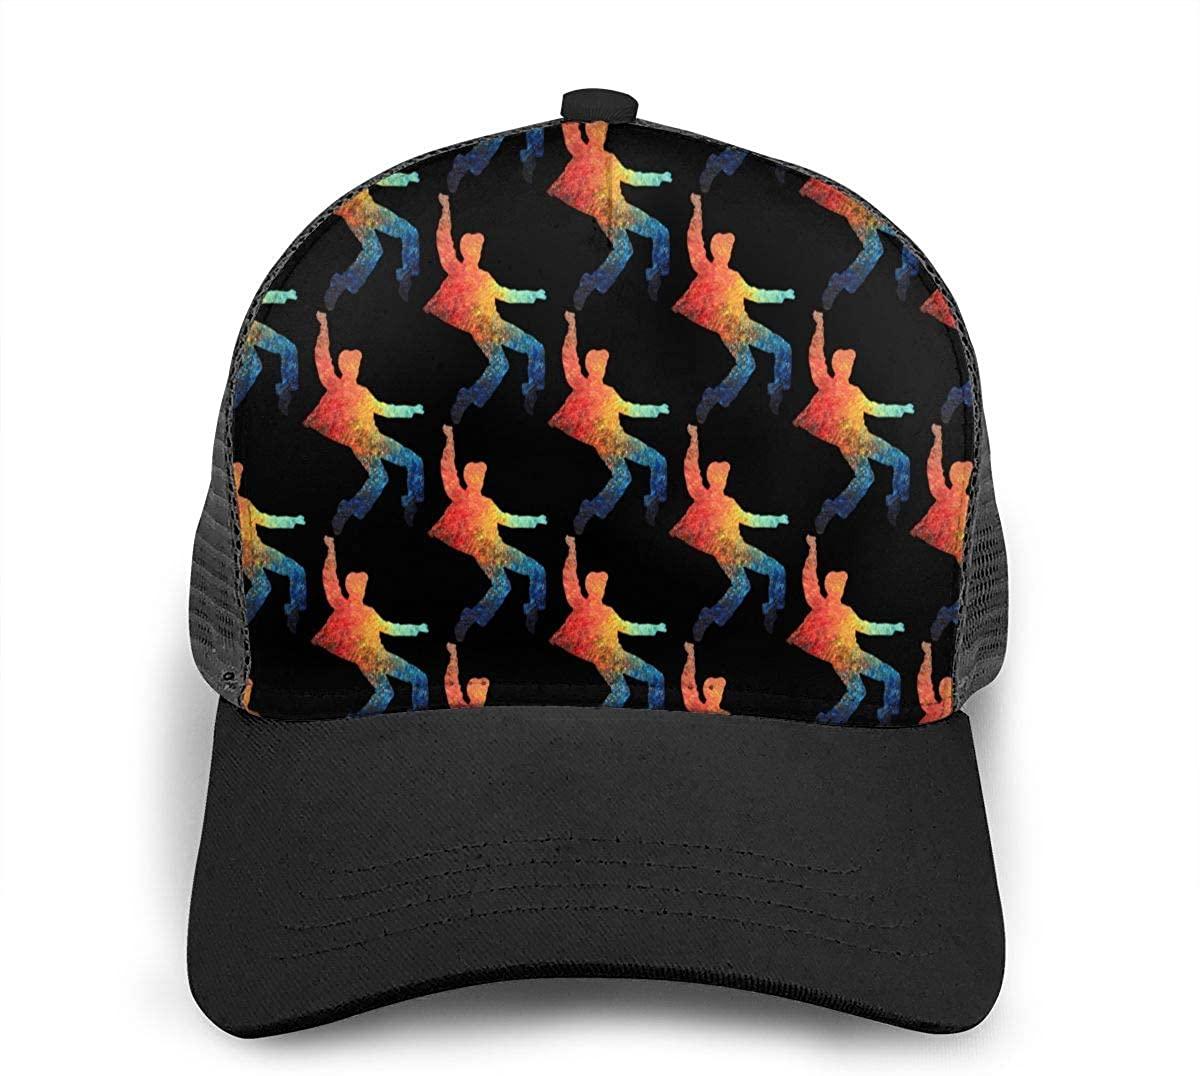 Mesh Cap United statbs Trucker Hats Baseball Cap Breathable Adjustable for Men Women